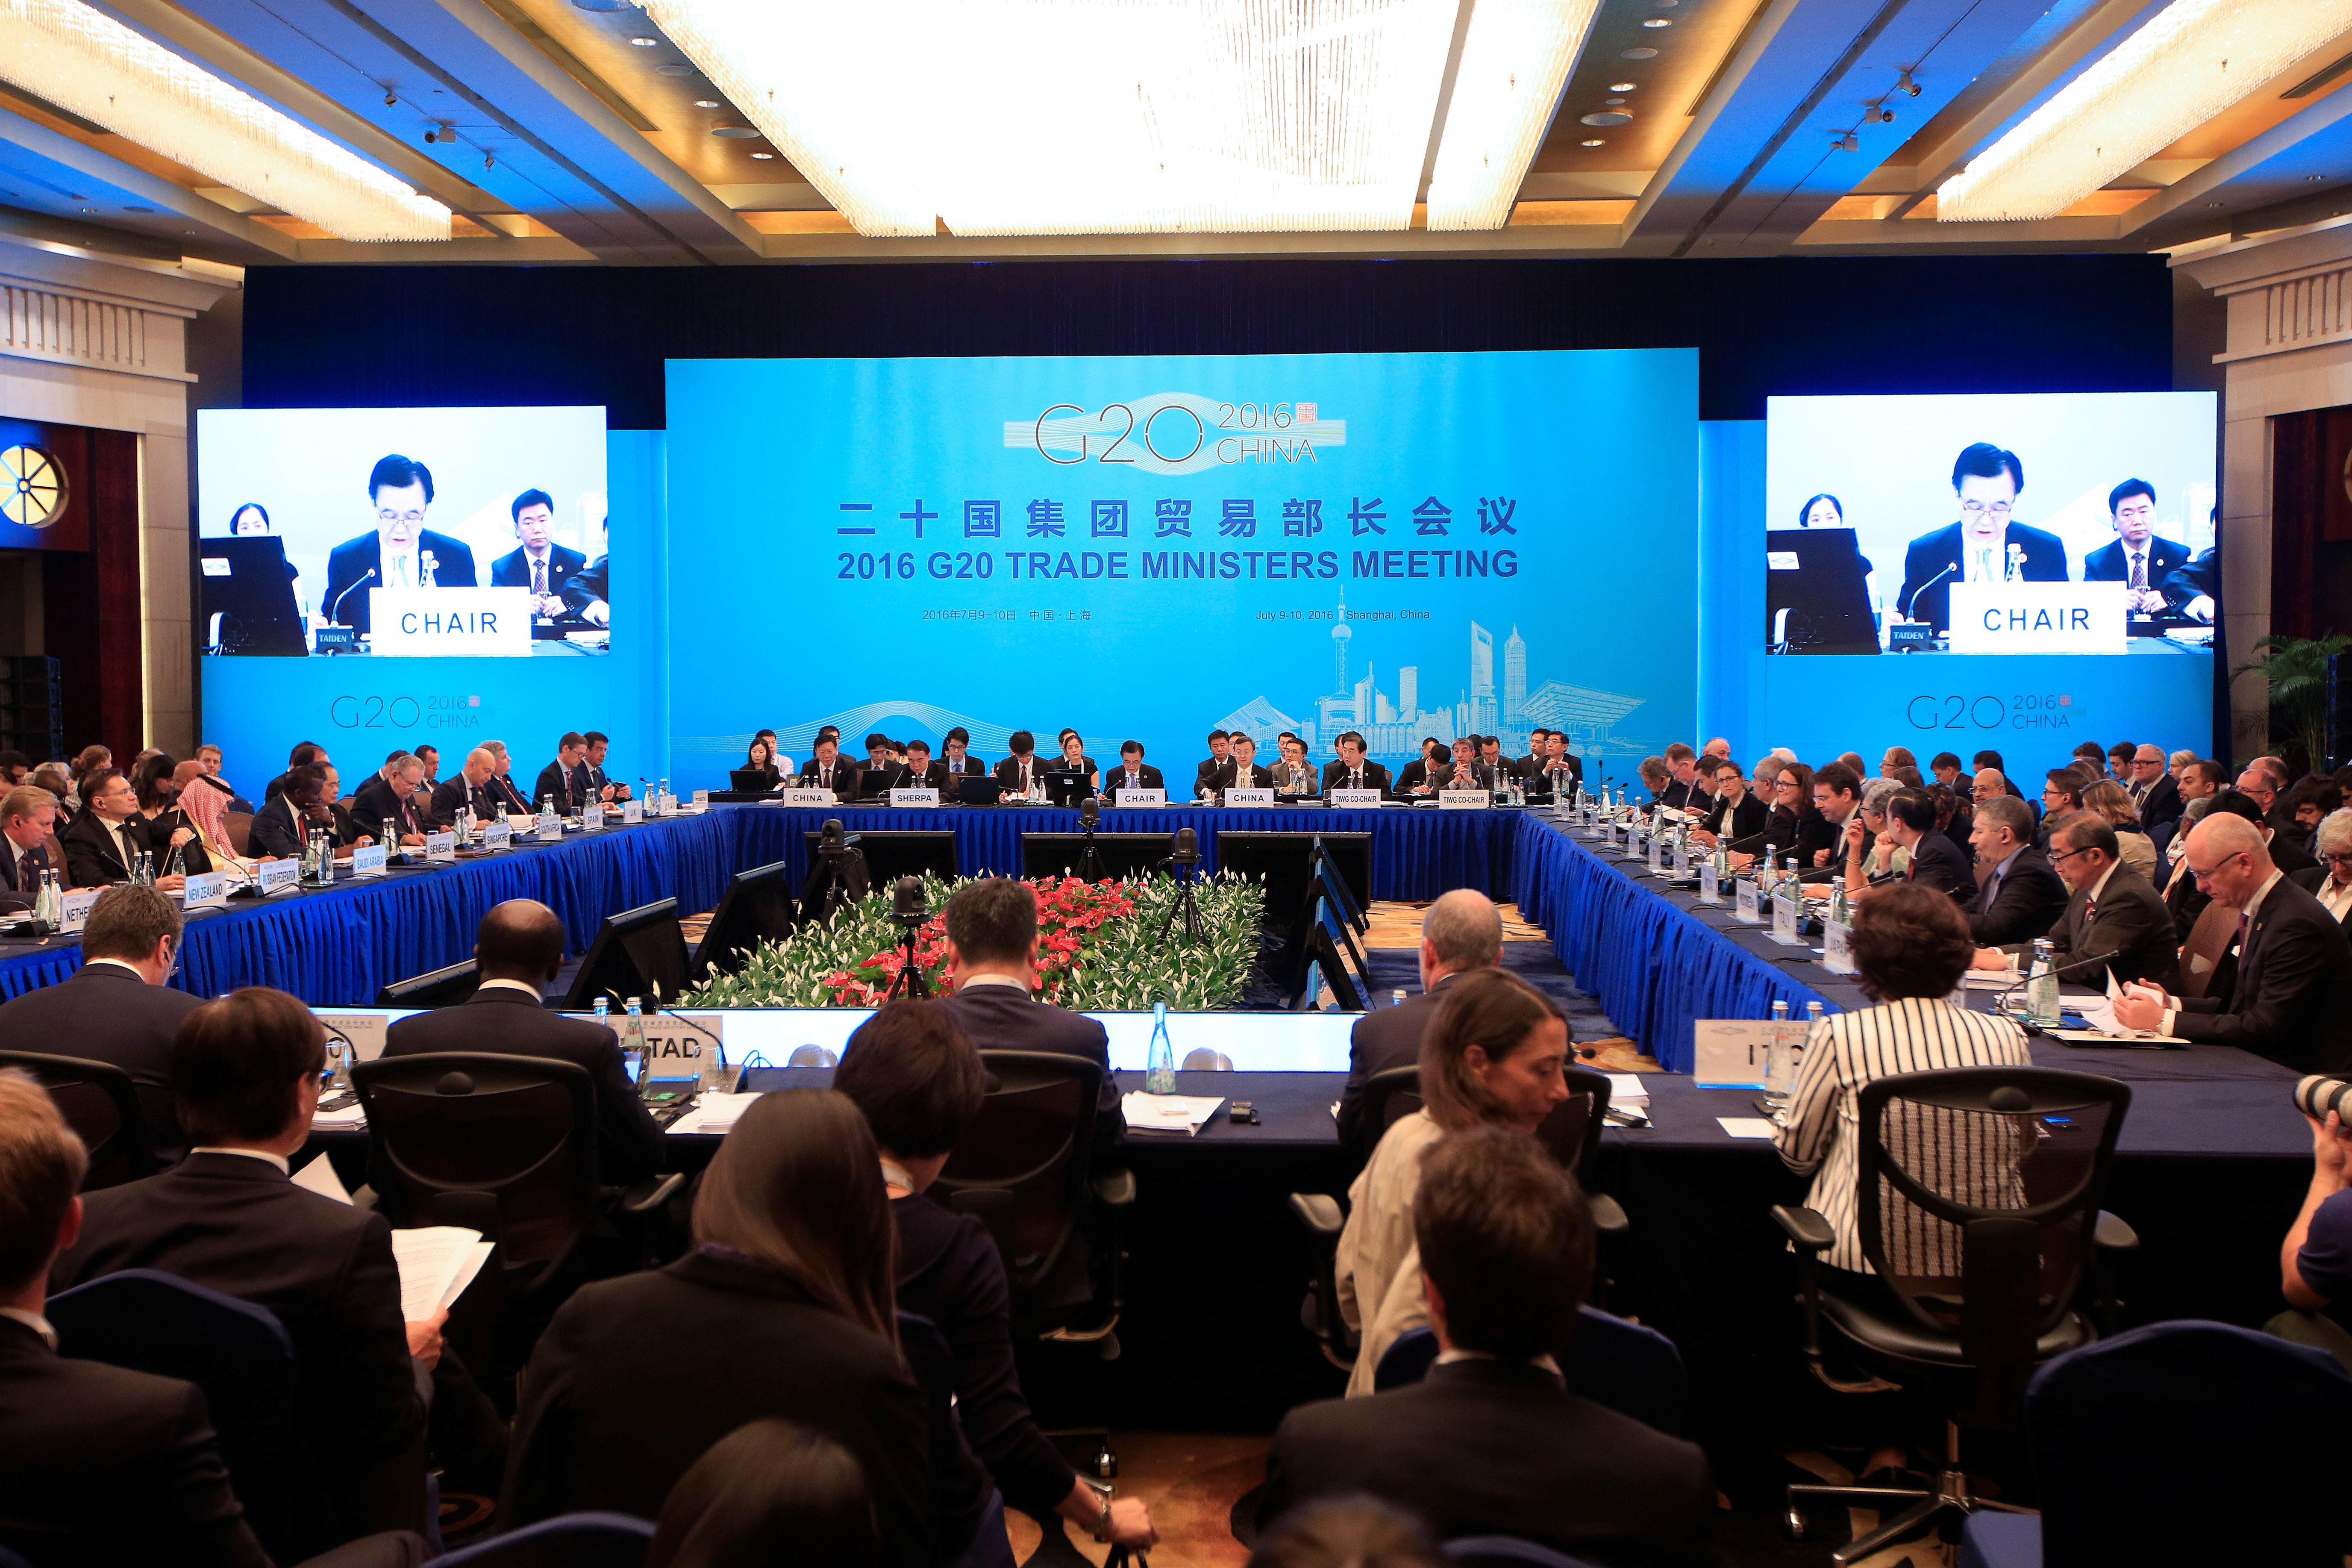 G20 de Shanghai : le commerce mondial à l'agenda